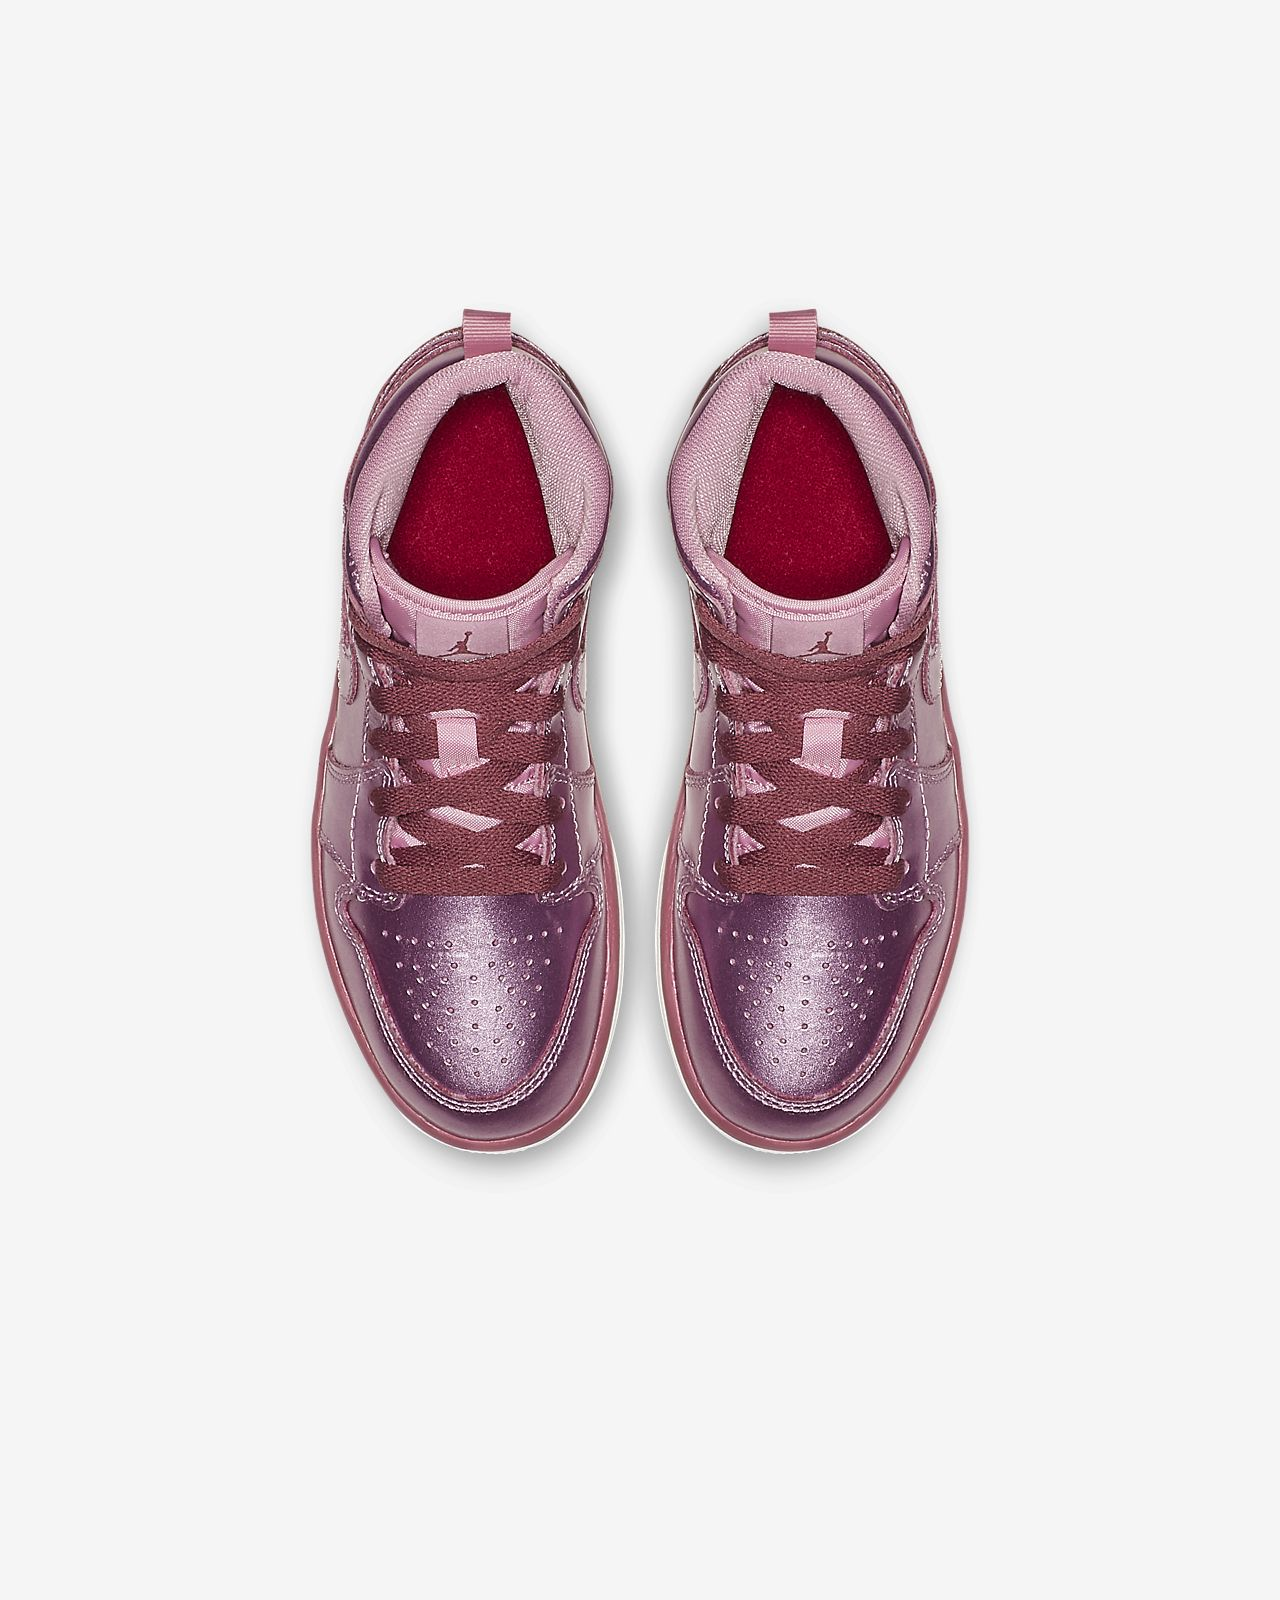 de5b1177f05667 Jordan 1 Mid SE Little Kids  Shoe (10.5c-3y). Nike.com